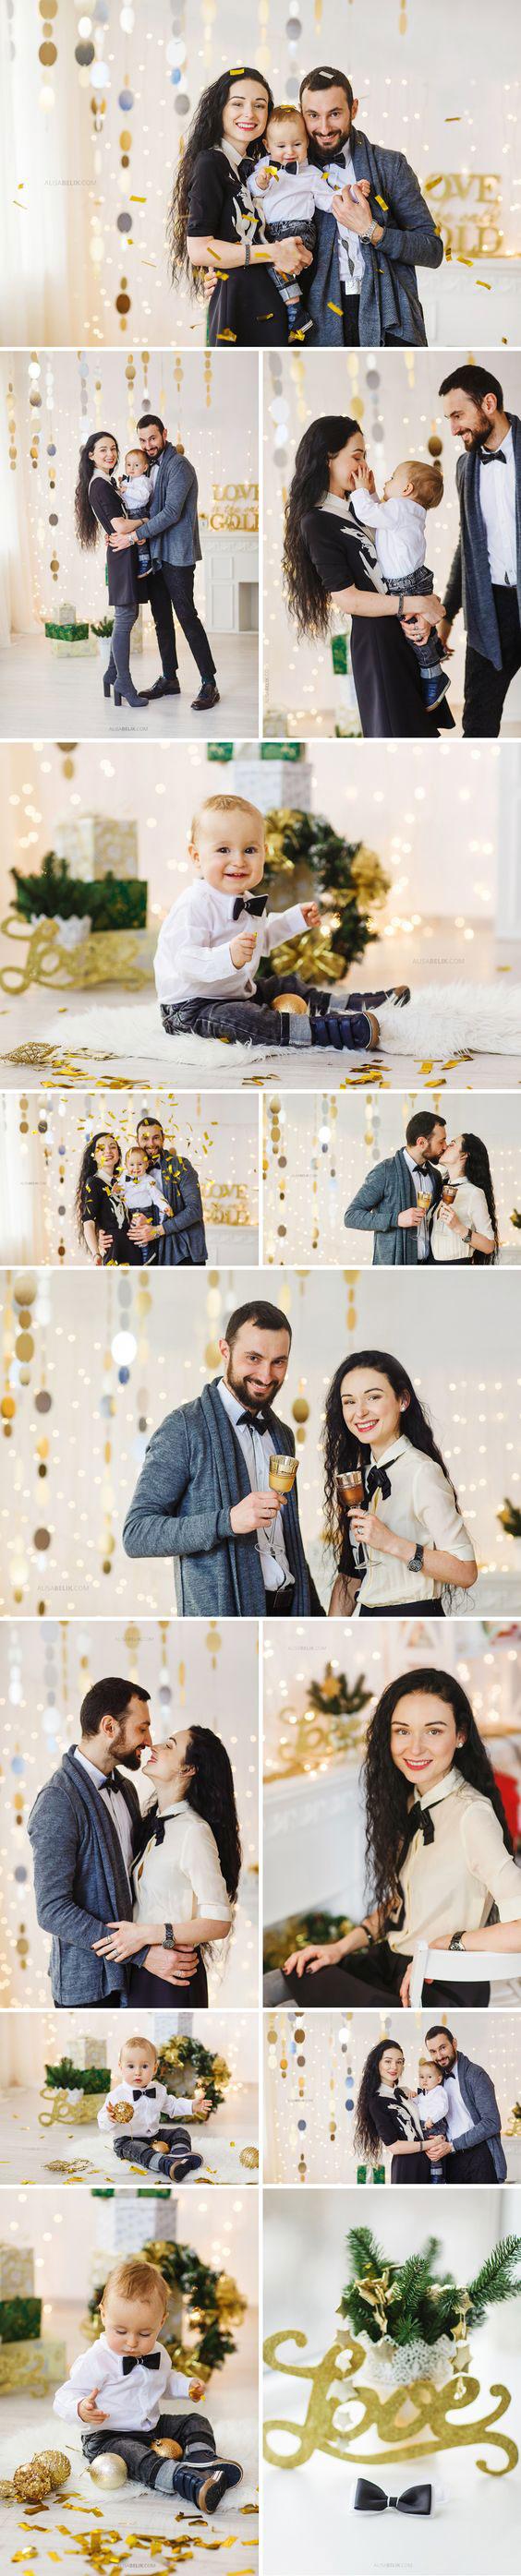 фотографии семьи на новый год